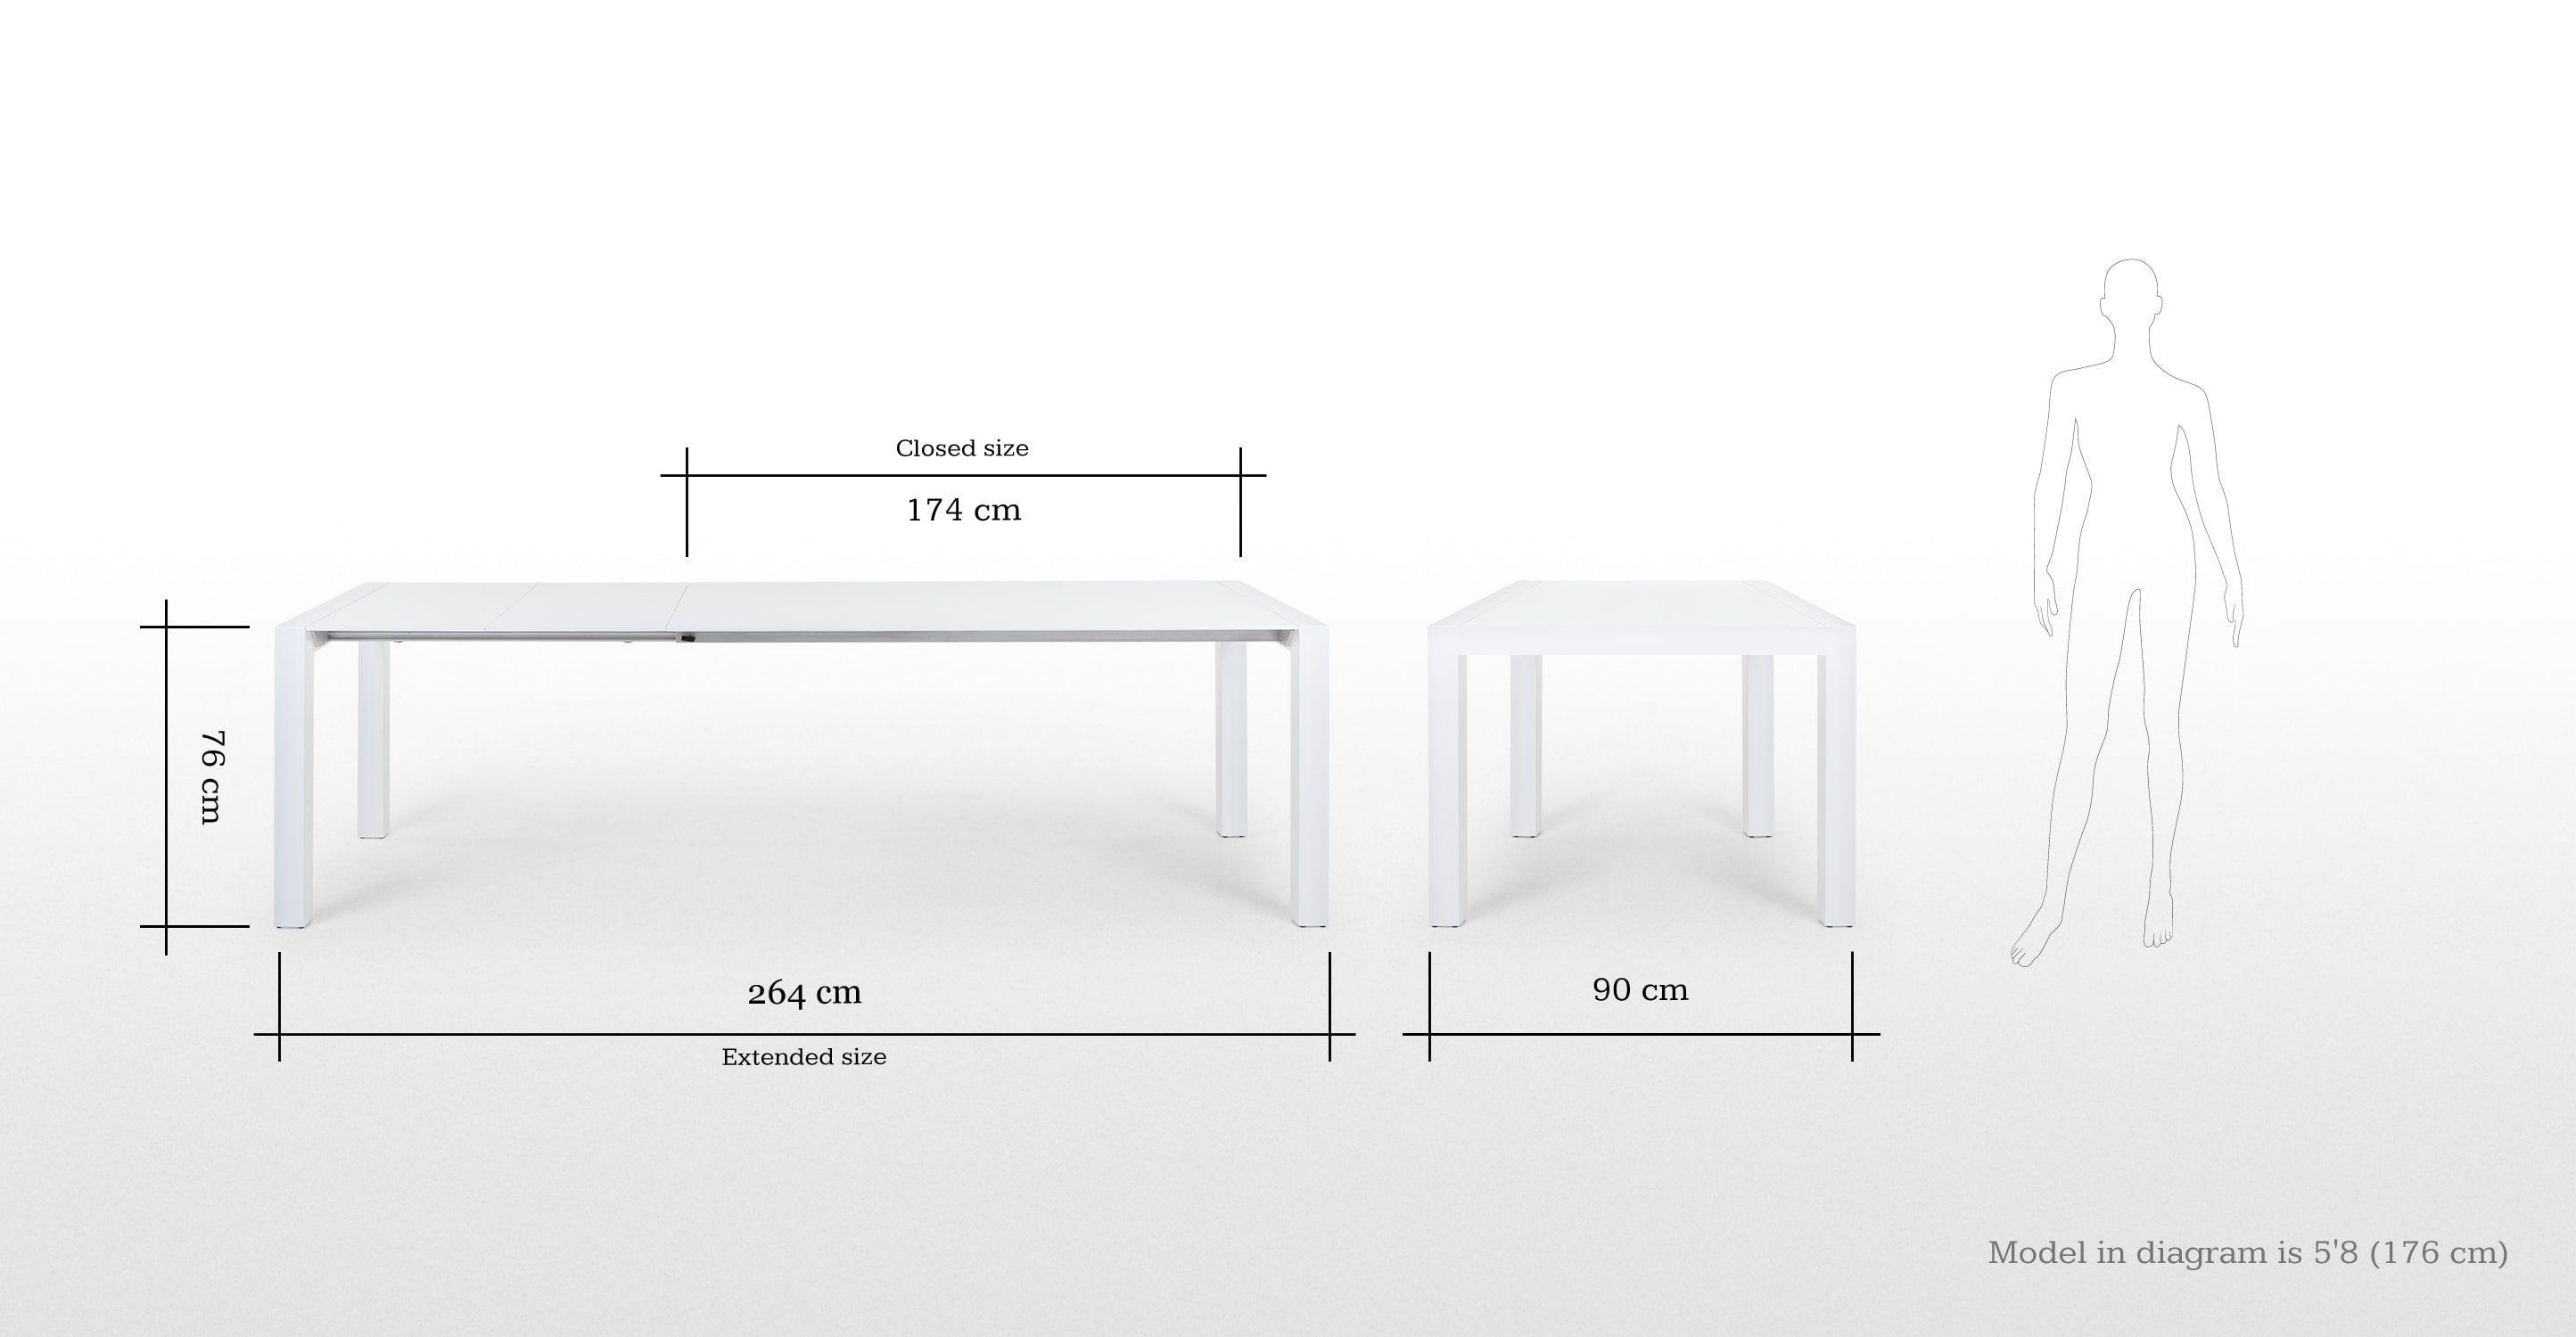 Eettafel Wit Design.Bramante Uitschuifbare Eettafel Wit